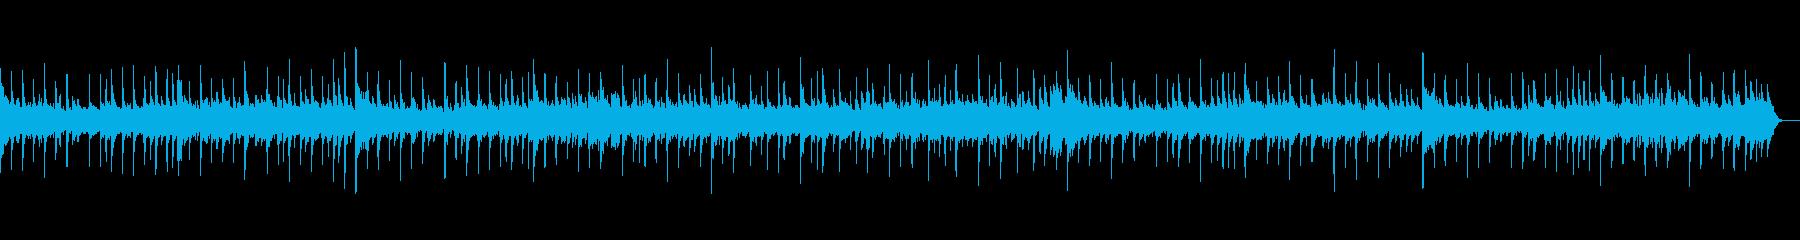 アコギとオルガンで哀愁漂う大人ロックの再生済みの波形